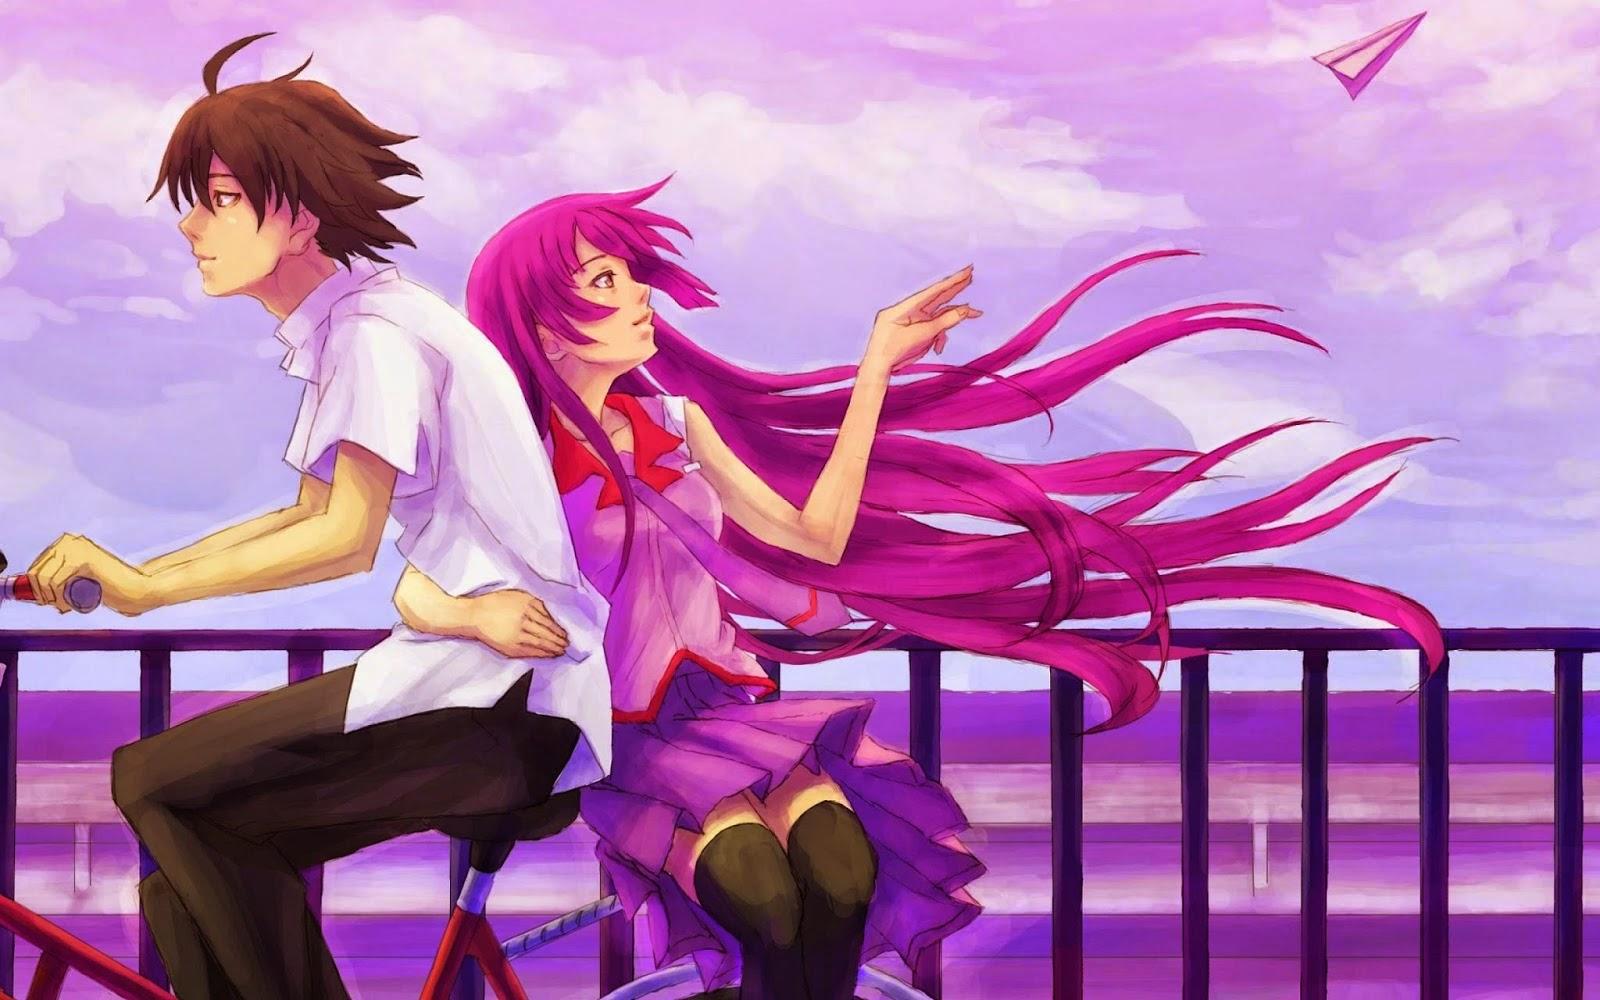 tải hình nền anime tình yêu lãng mạn